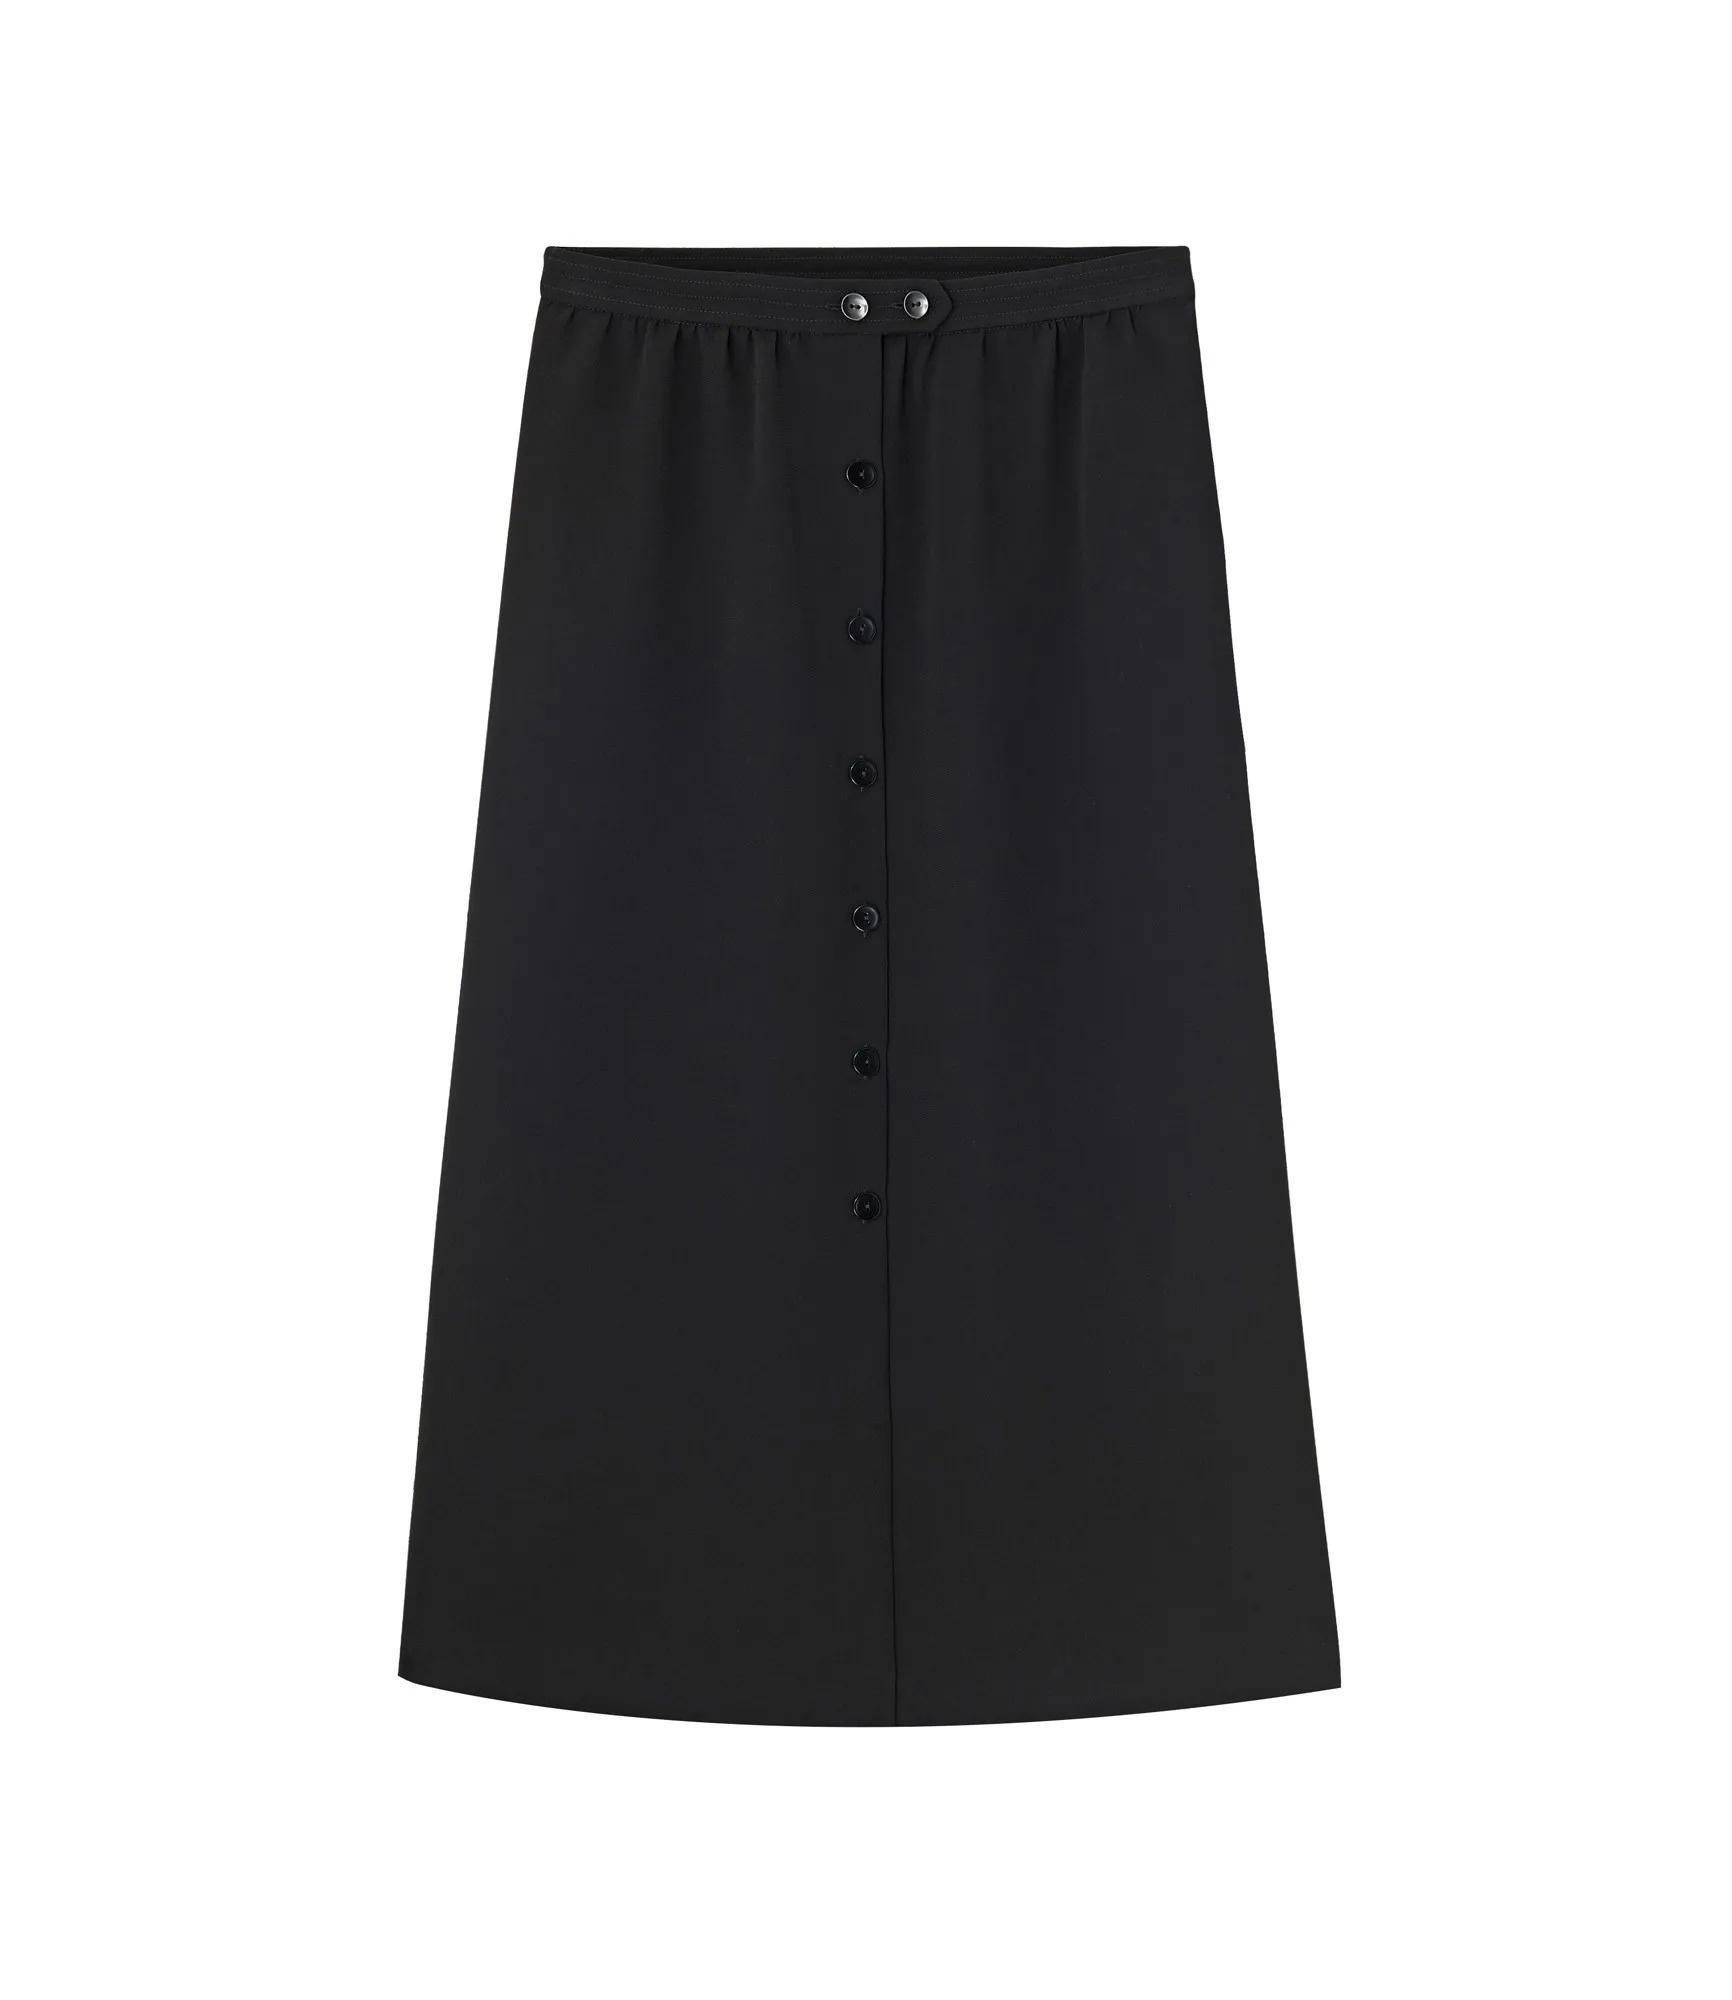 Sloan skirt black